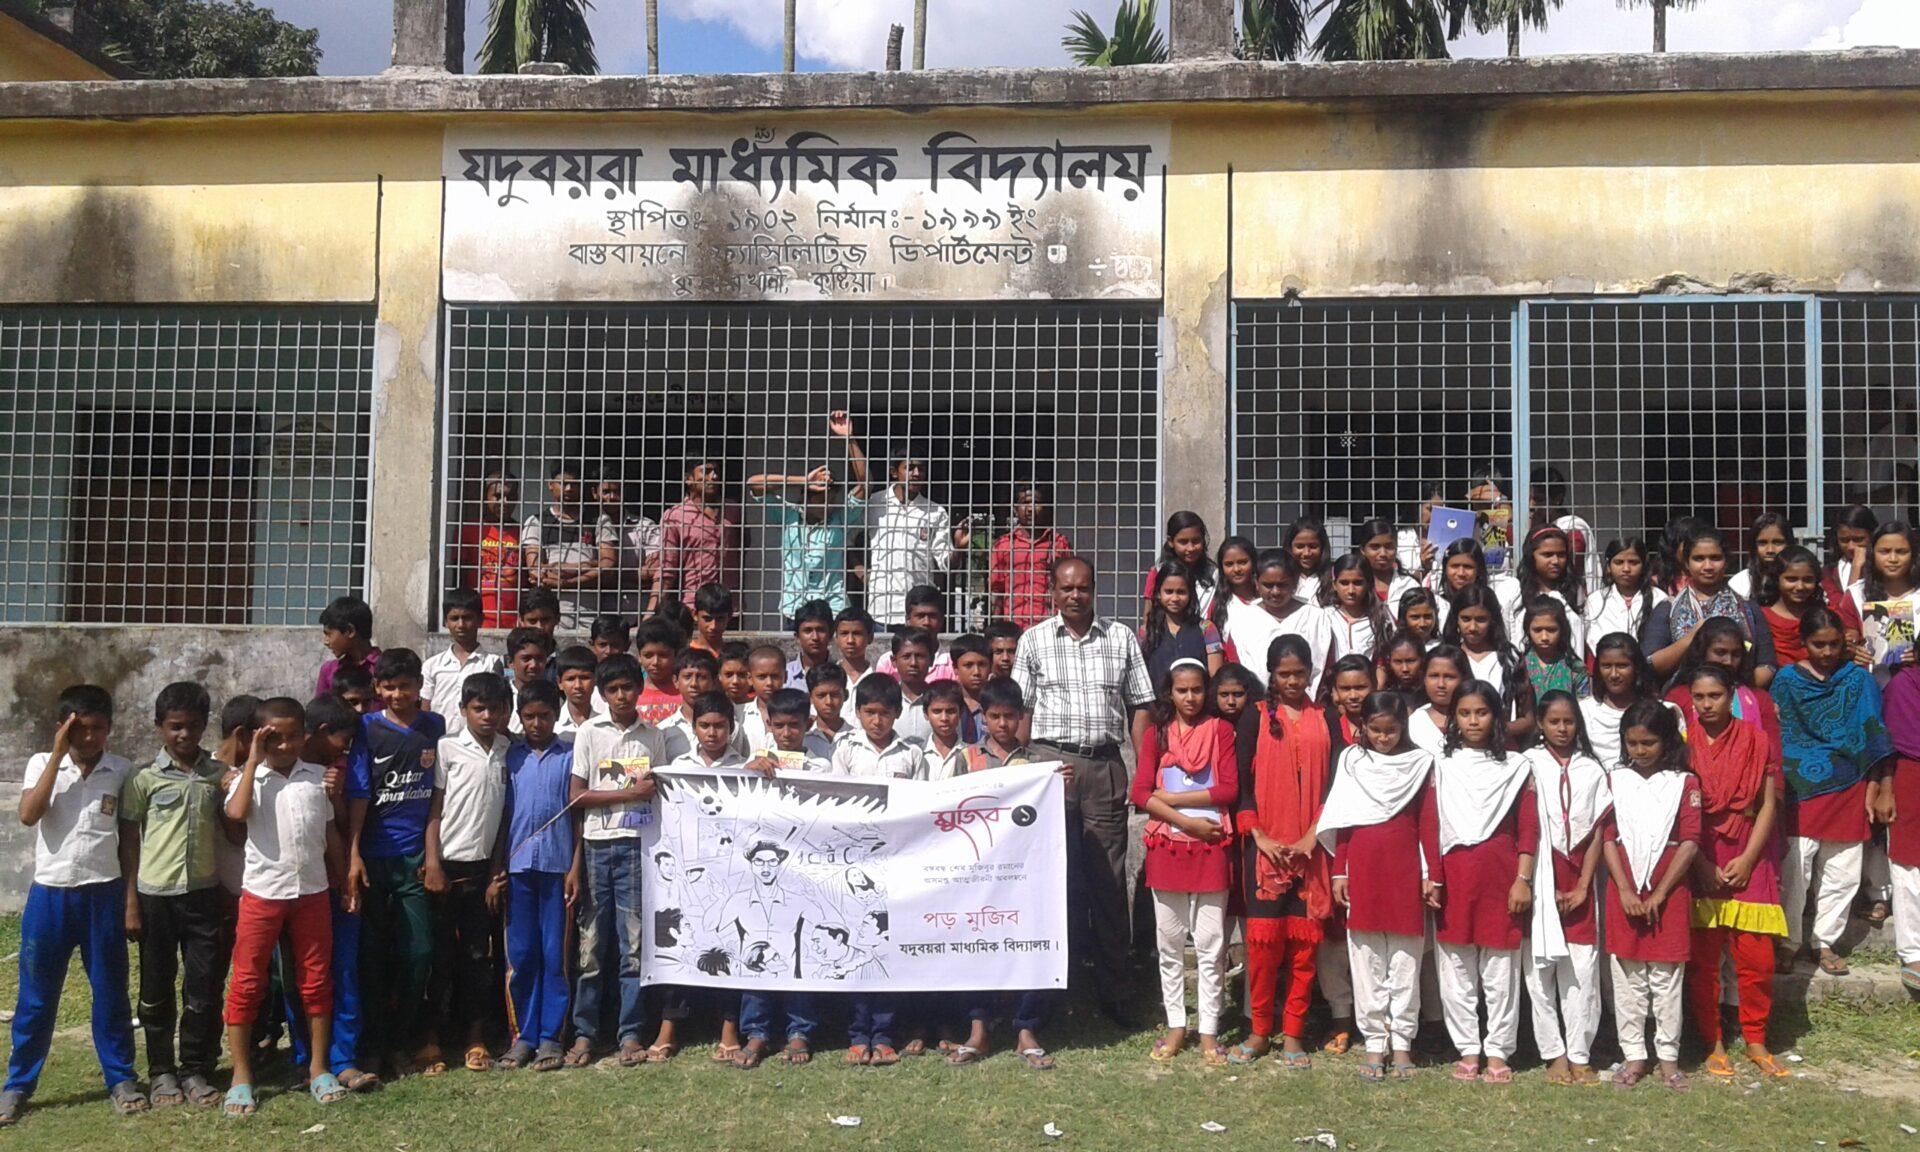 যদুবয়রা মাধ্যমিক বিদ্যালয়   Joduboira Maddhamik Bidlaya